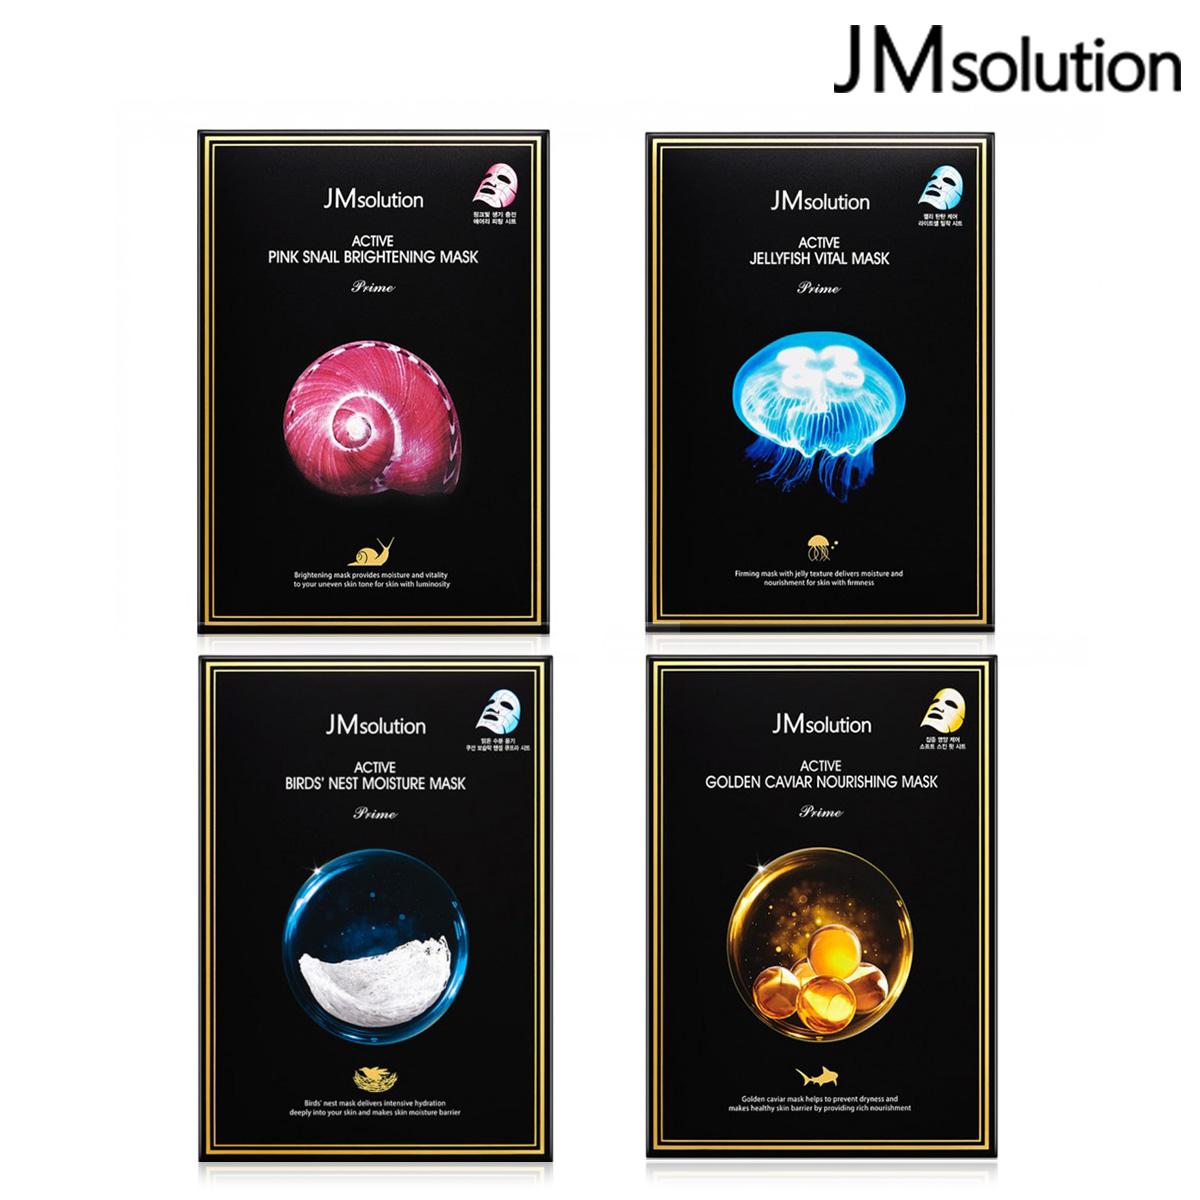 韓國 JMsolution 活力原萃系列面膜 1盒/10入 燕窩/蝸牛/水母/魚子醬 【SP嚴選家】